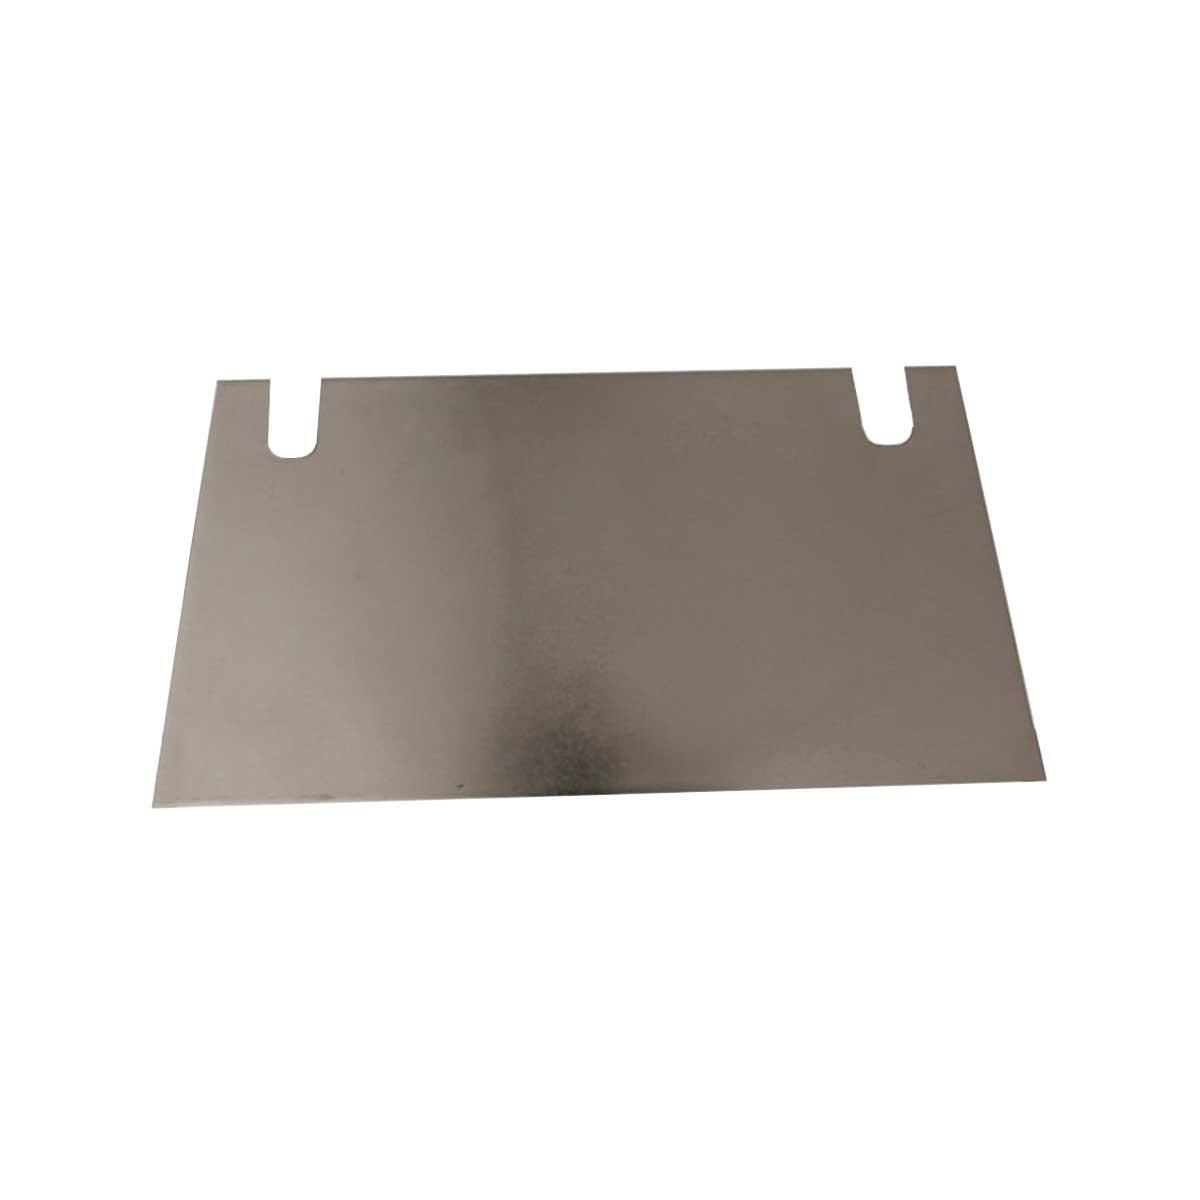 Bartell floor scraper blade